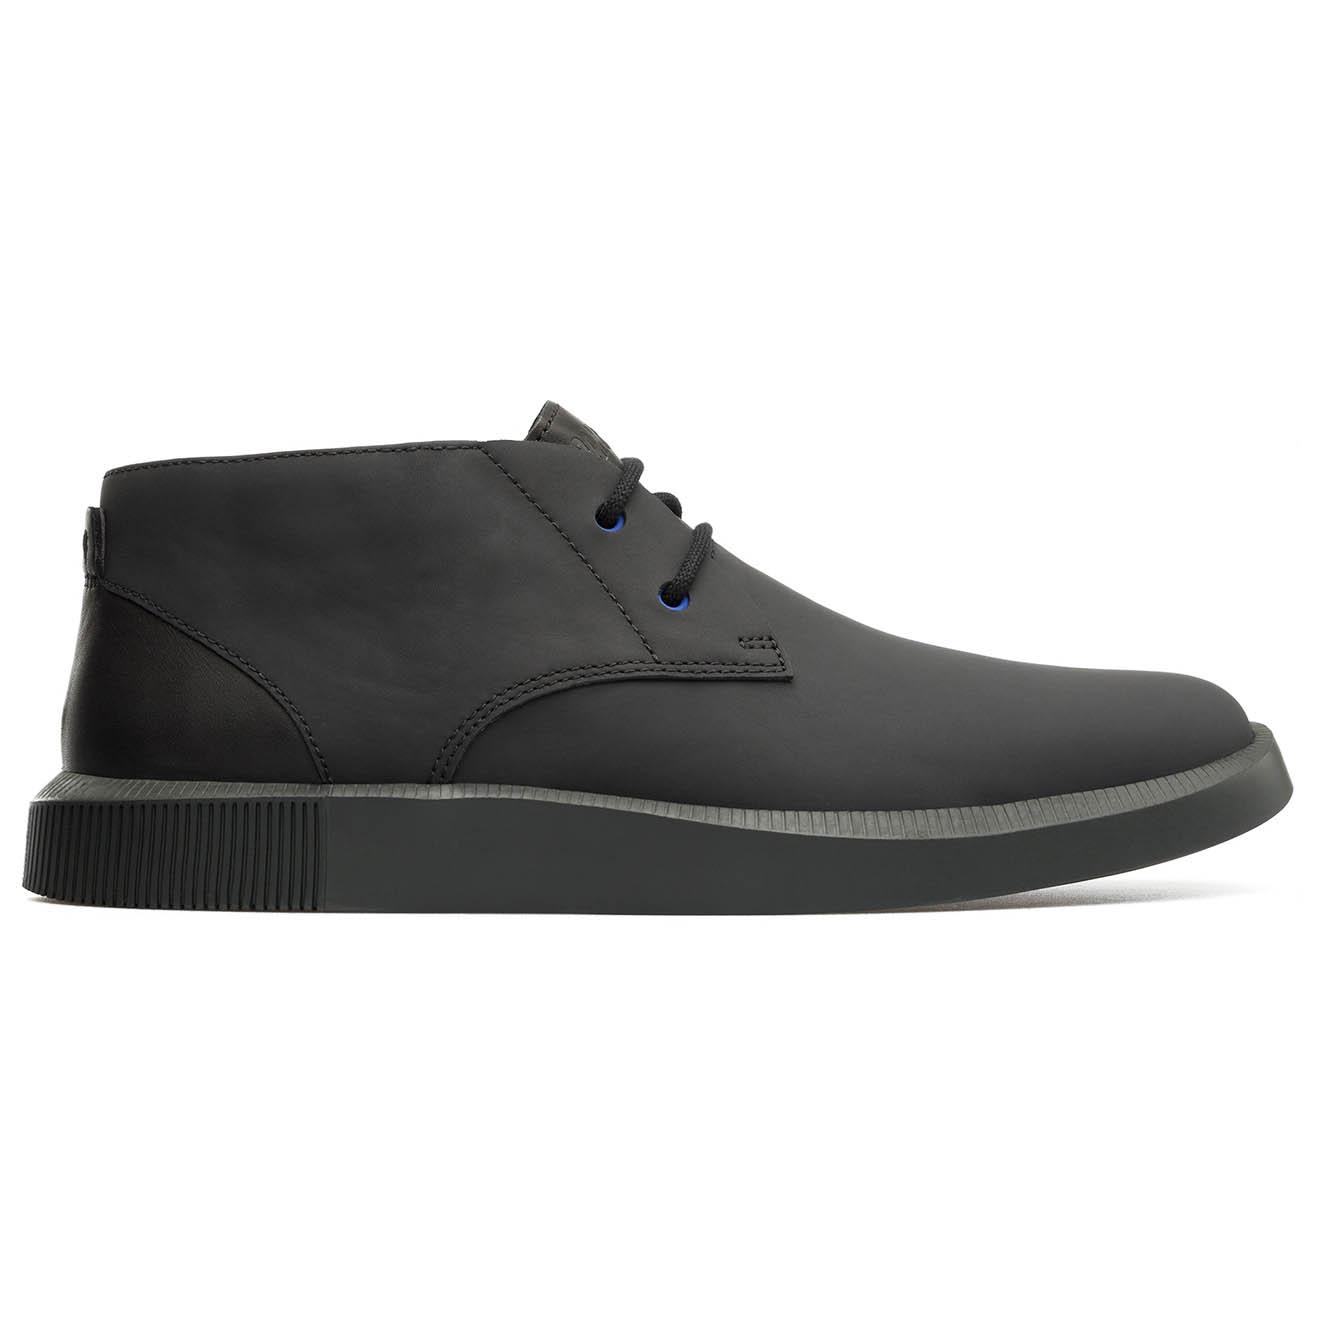 Boots en Cuir Bill noires - Camper - Modalova